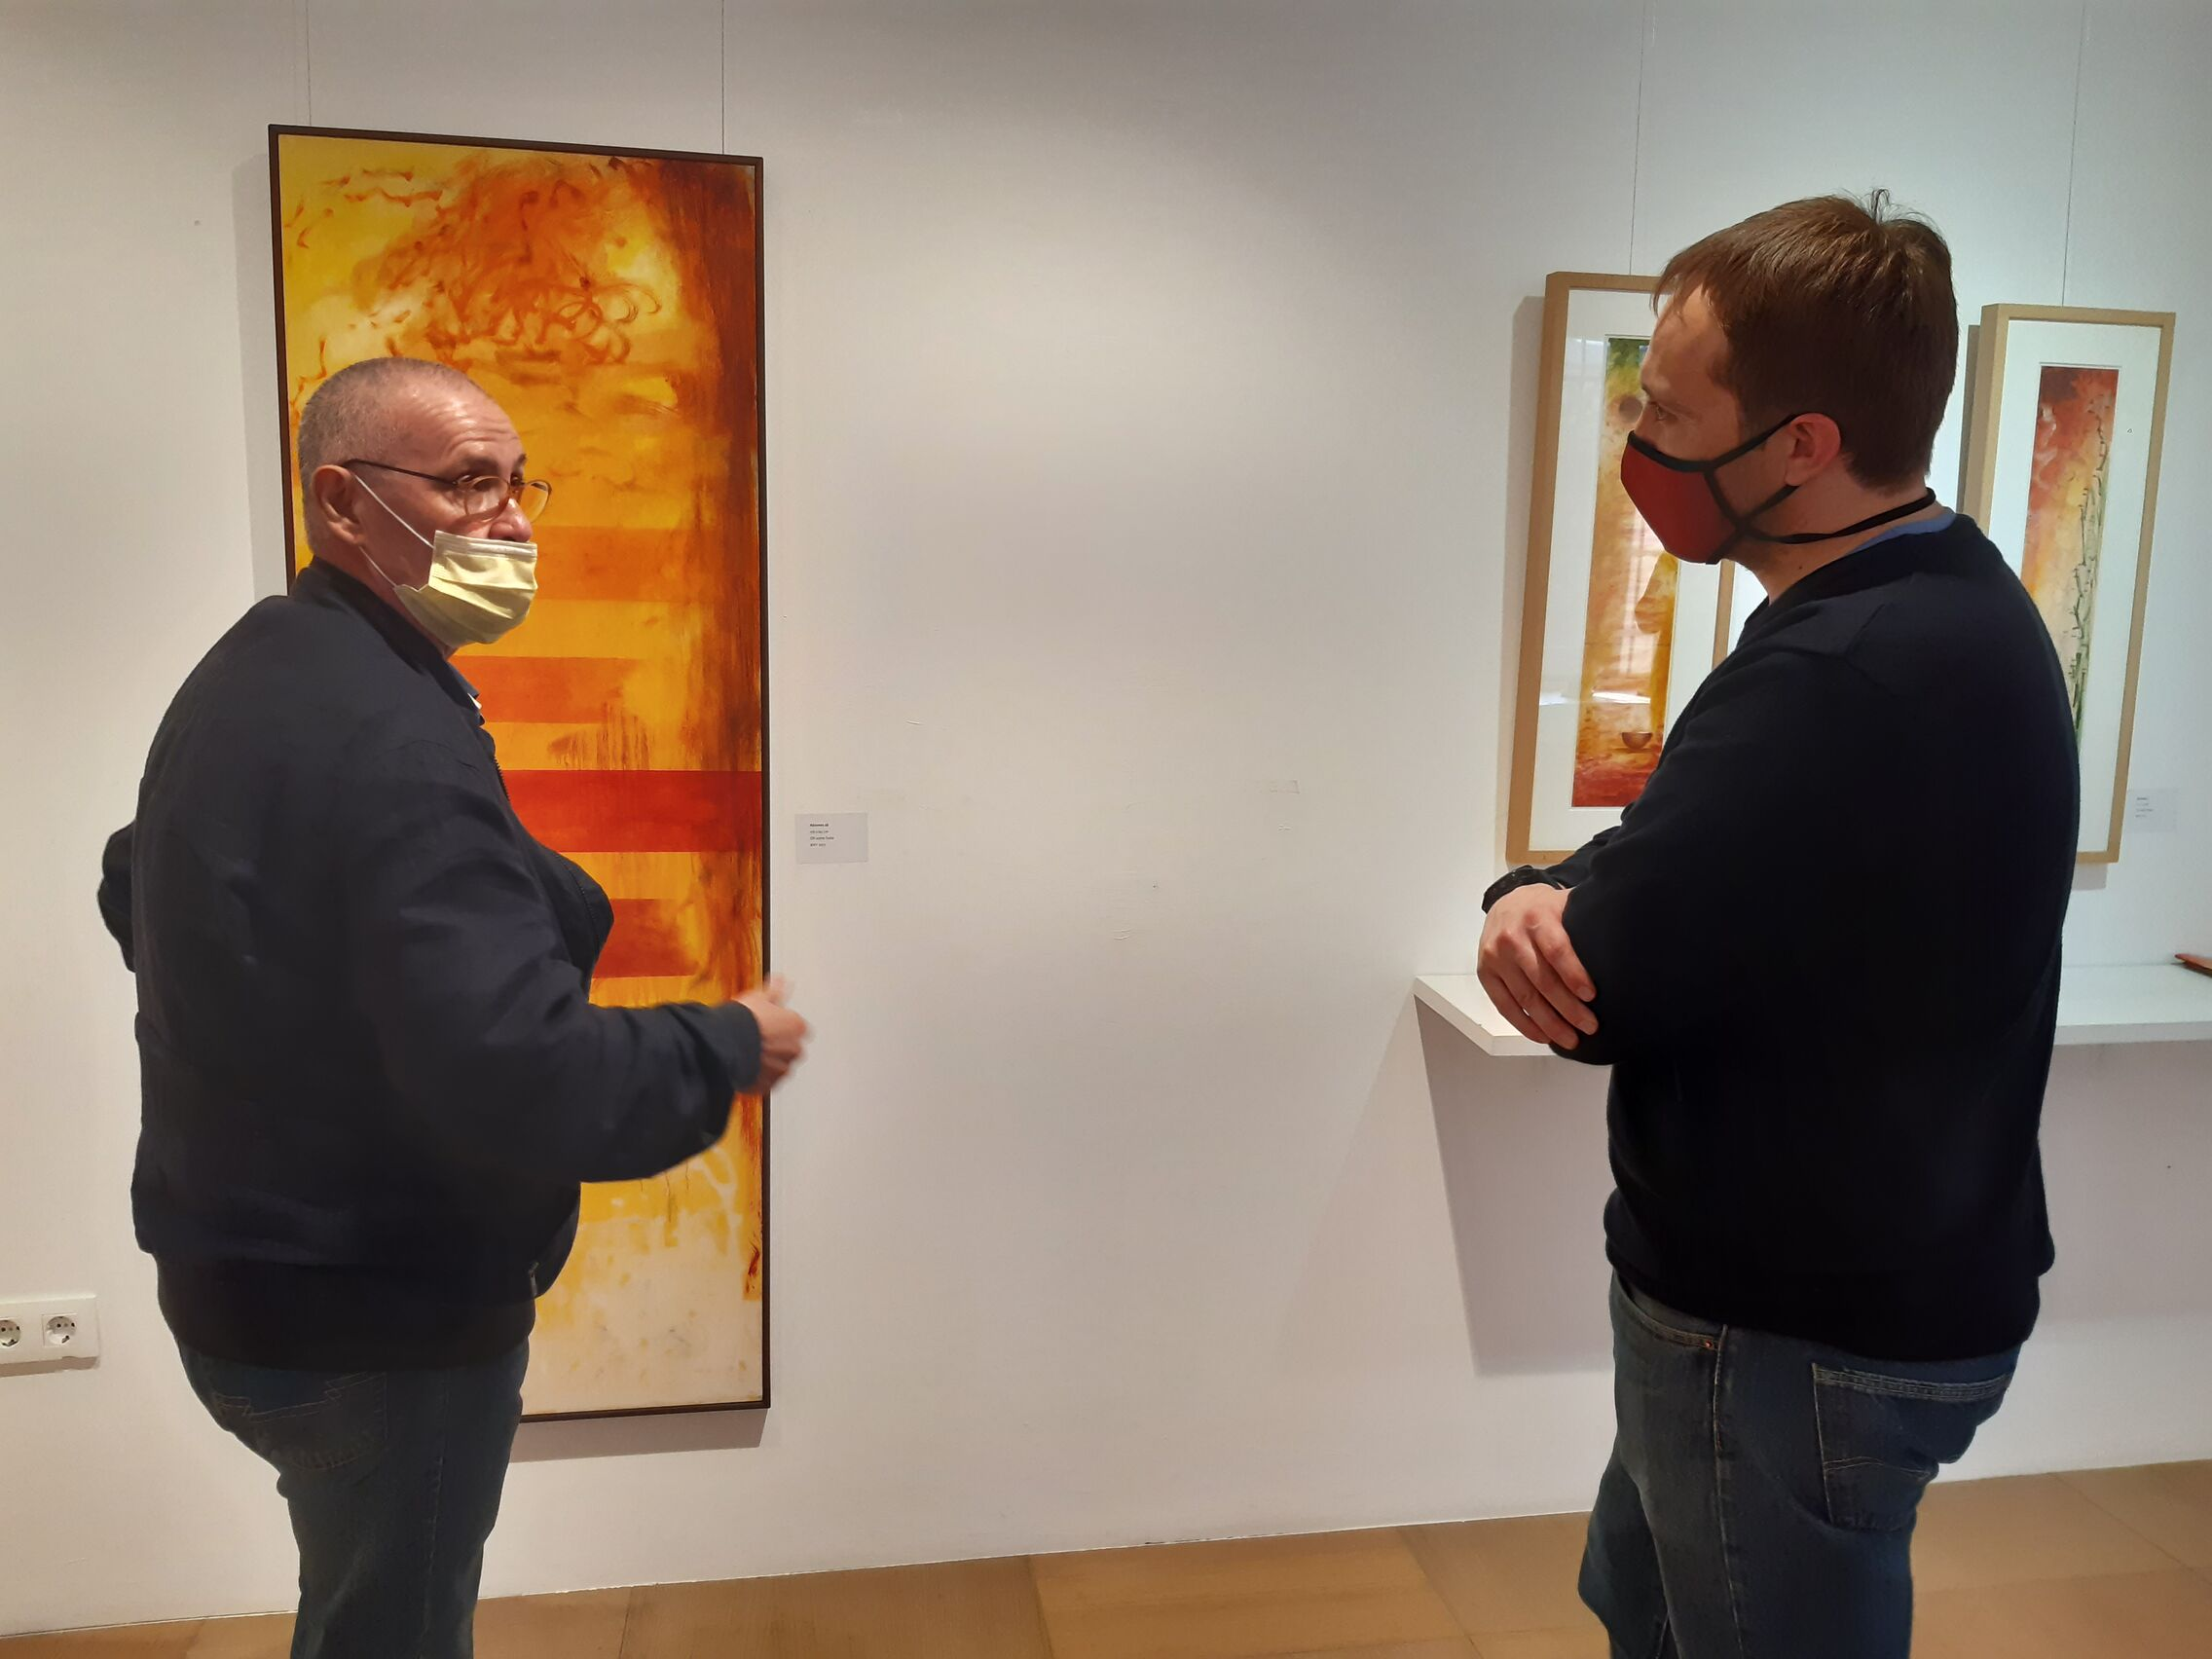 El Museu de Benicarló amplia l'oferta expositiva amb la mostra 'Abismes', de Sergi Marcos